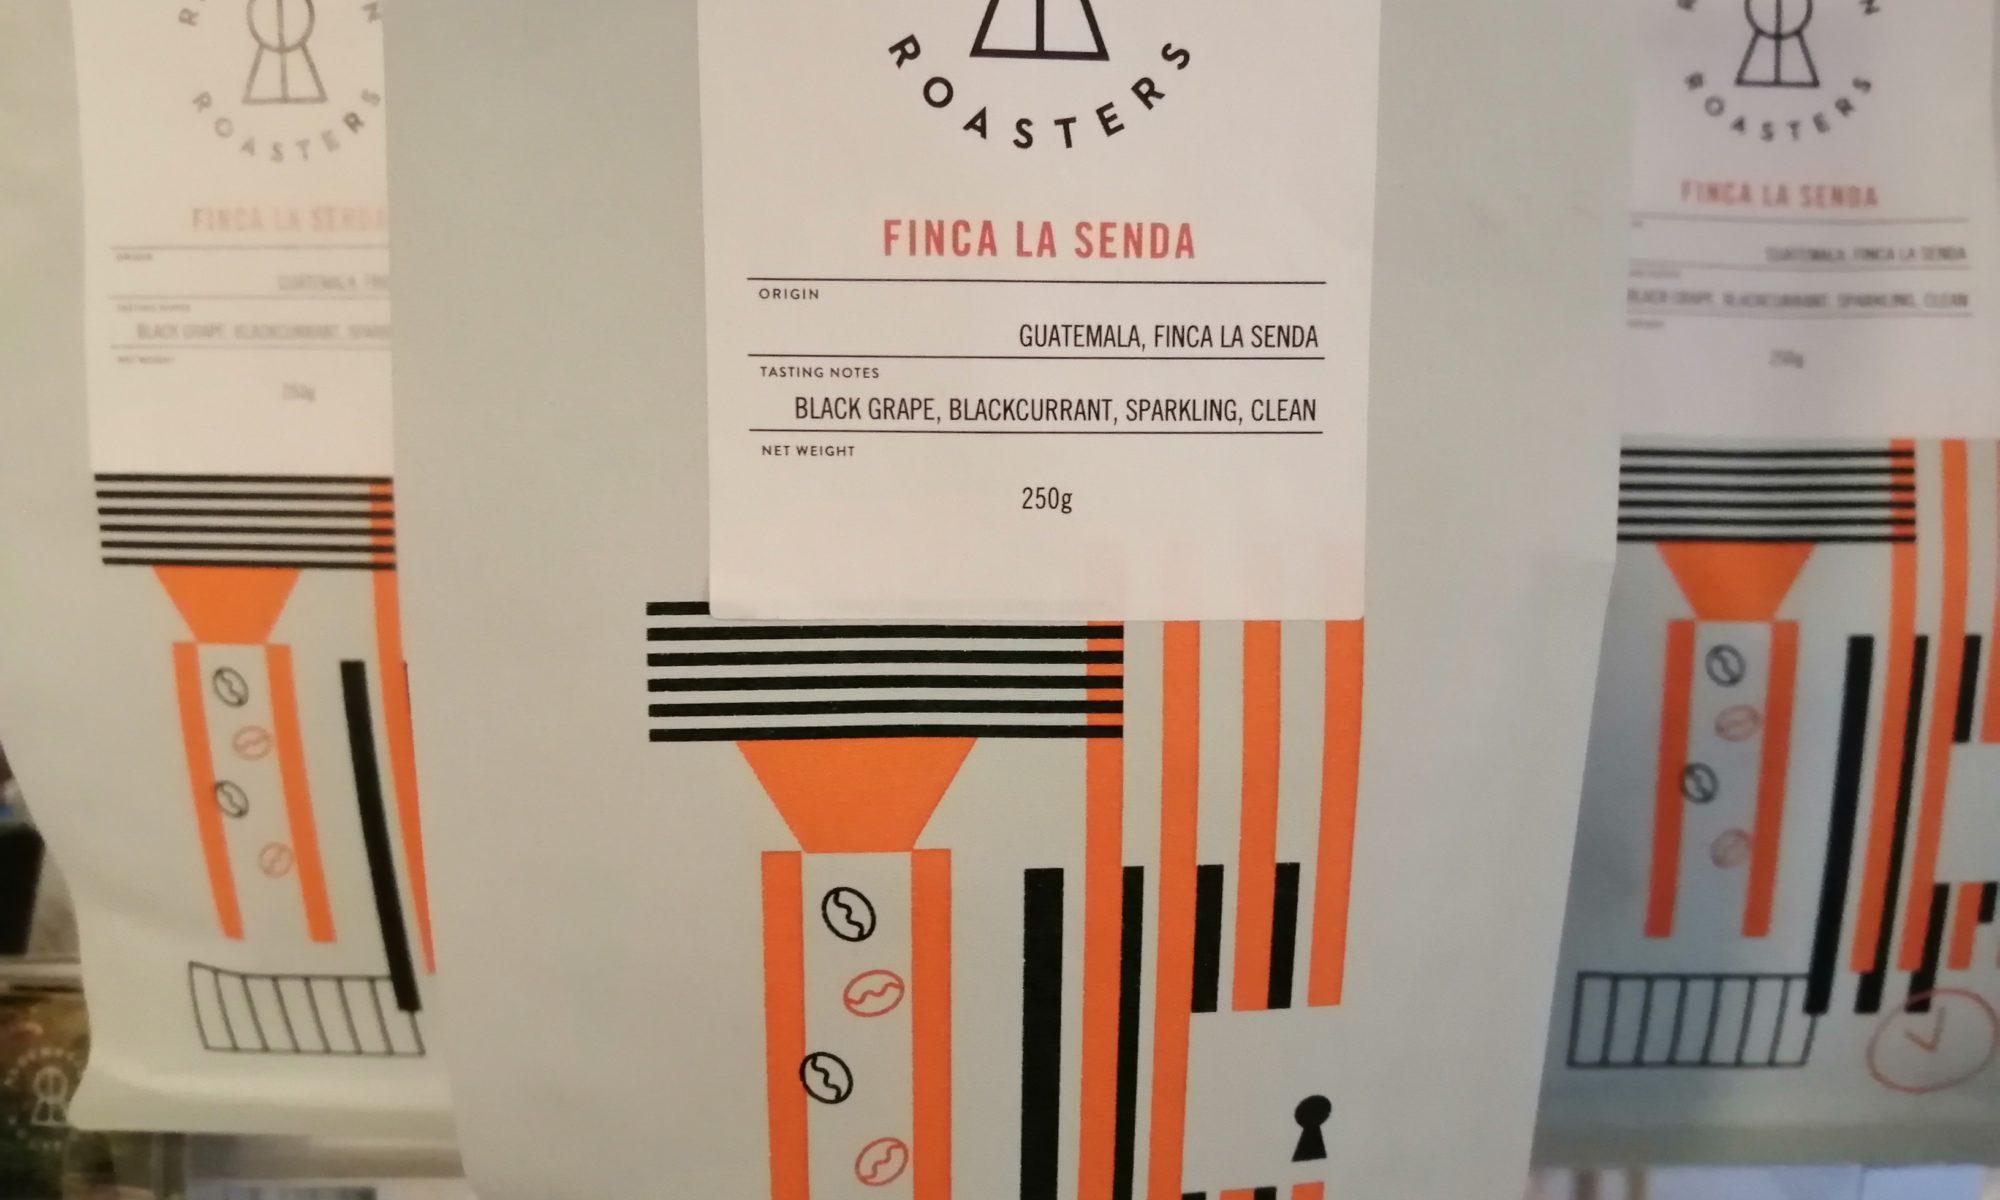 Finca La Senda beans from Guatemala